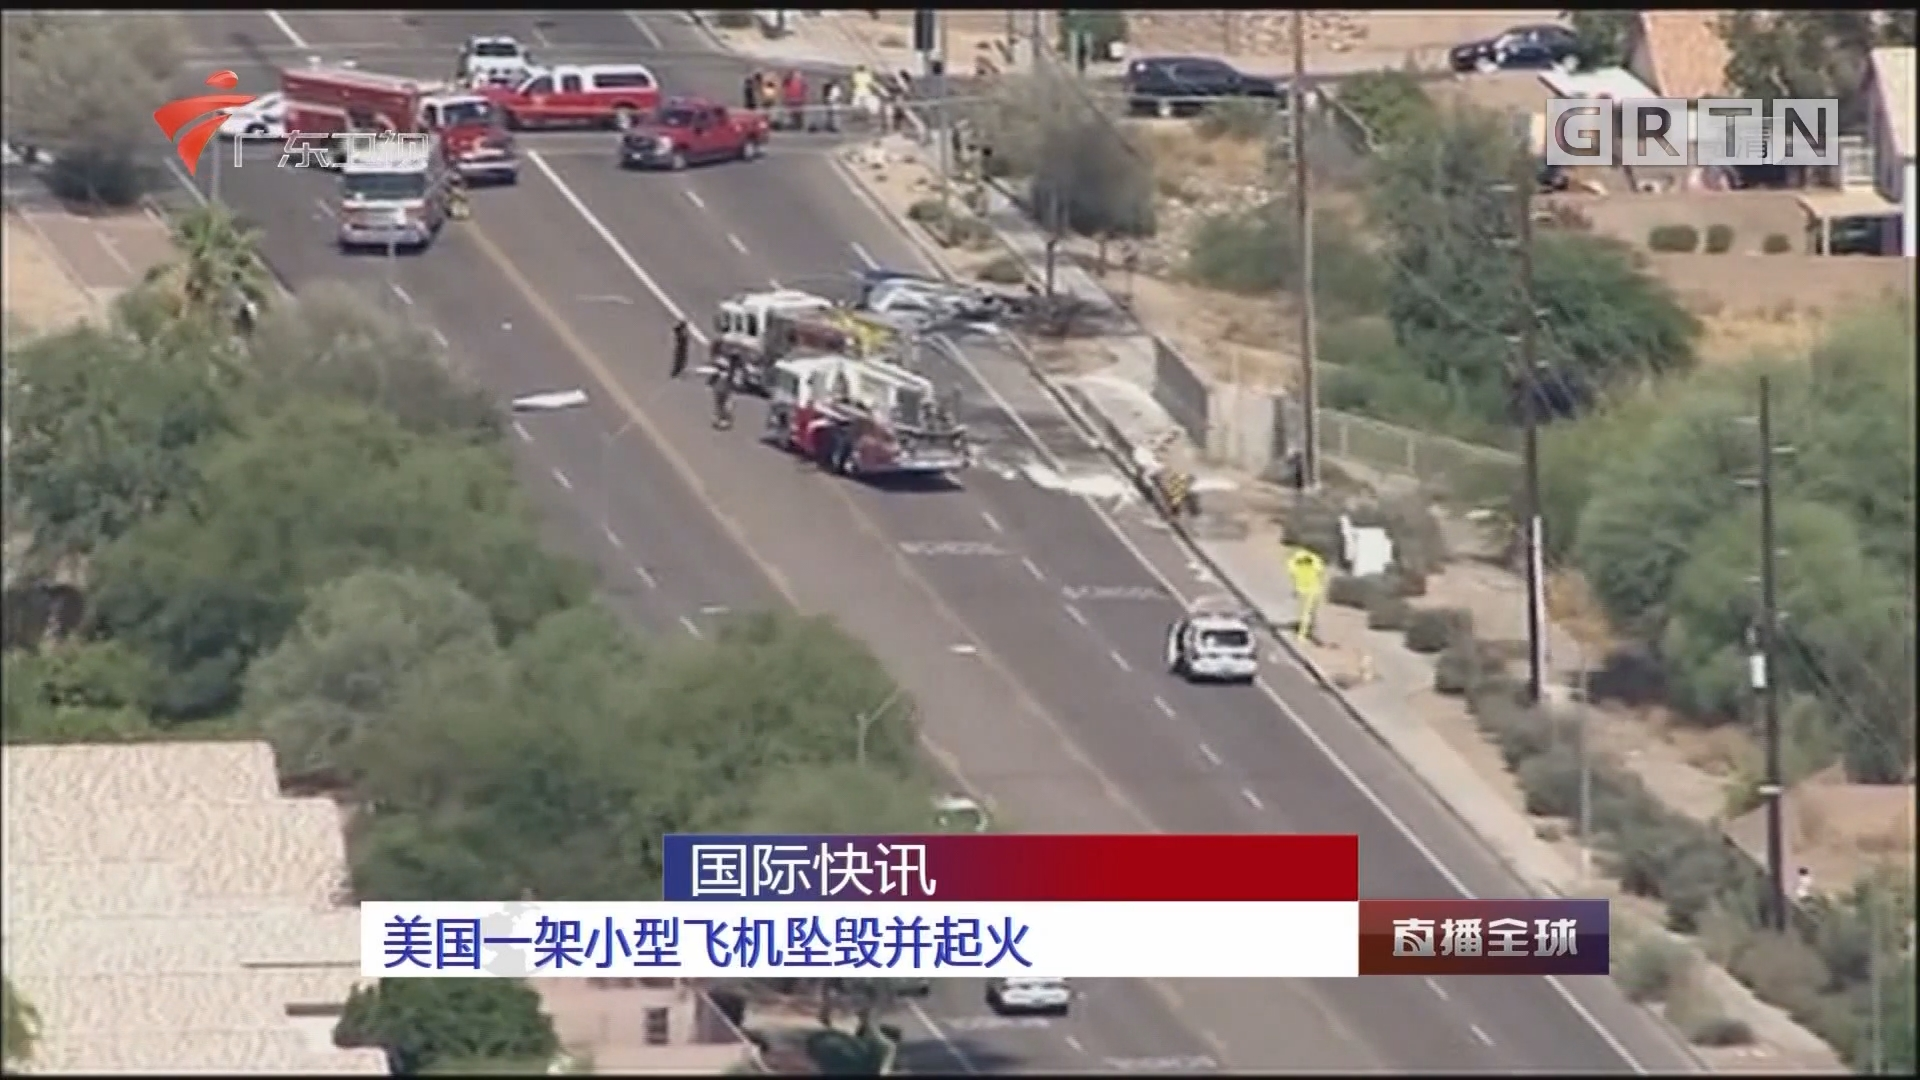 美国一架小型飞机坠毁并起火